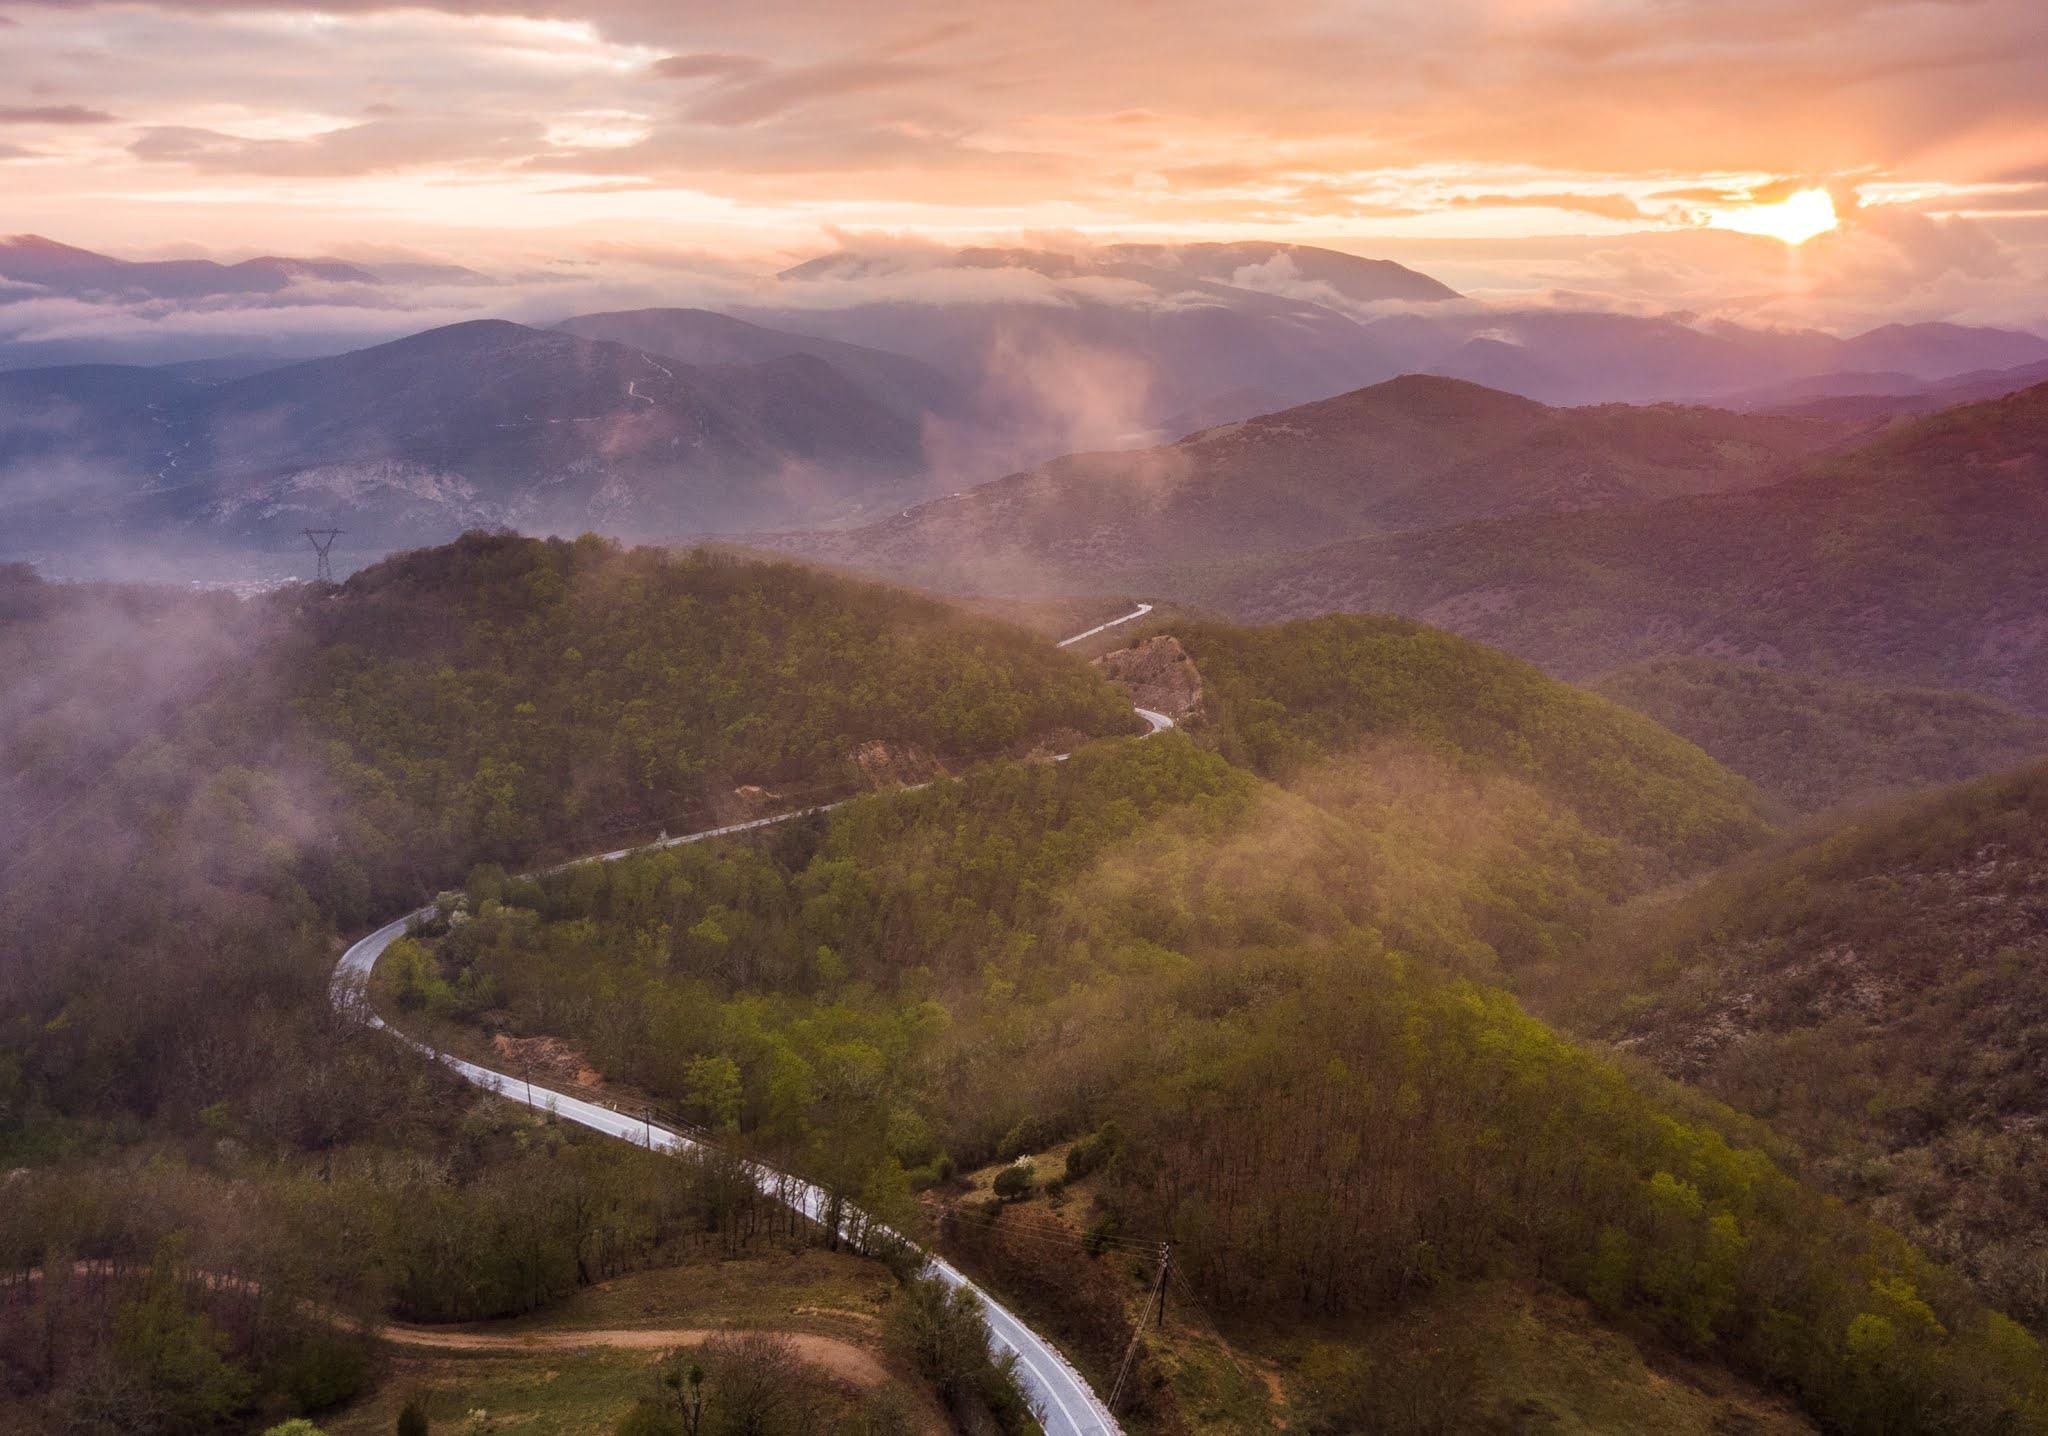 Τα 5 γραφικά χωριά της Ξάνθης που κλέβουν τις εντυπώσεις